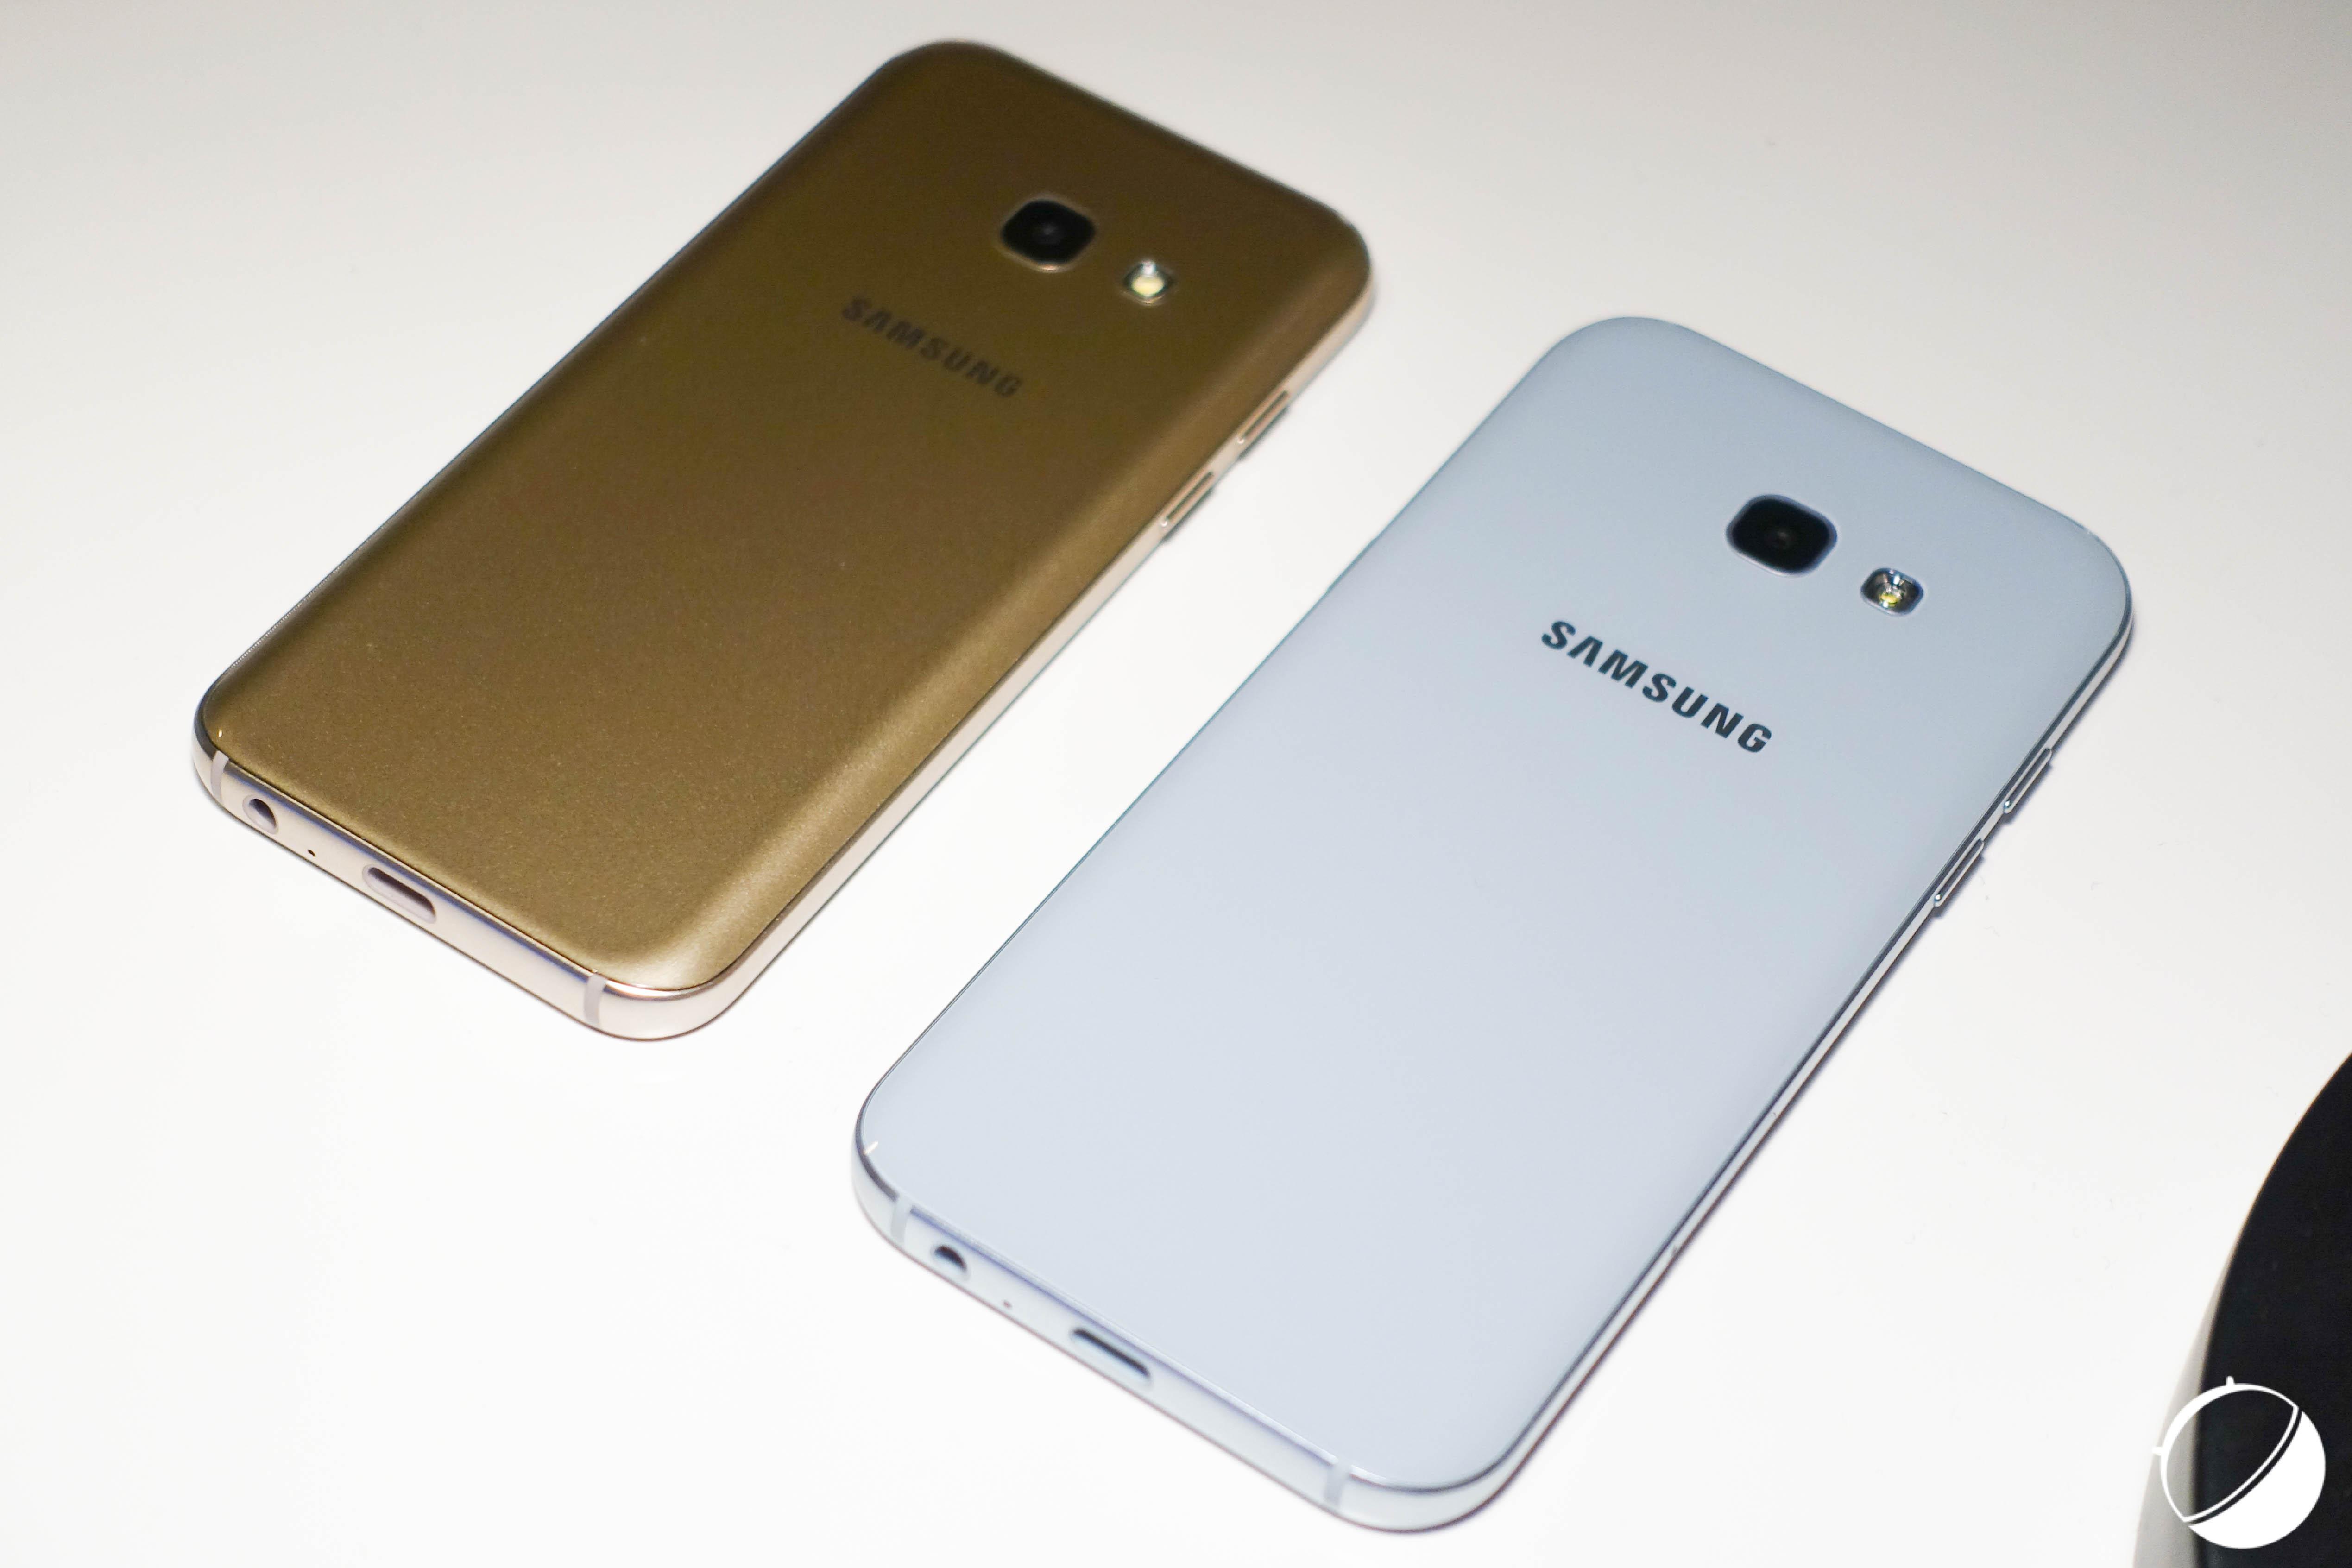 Les Samsung Galaxy A3 et A5 (2017) sont disponibles à la vente, en précommande